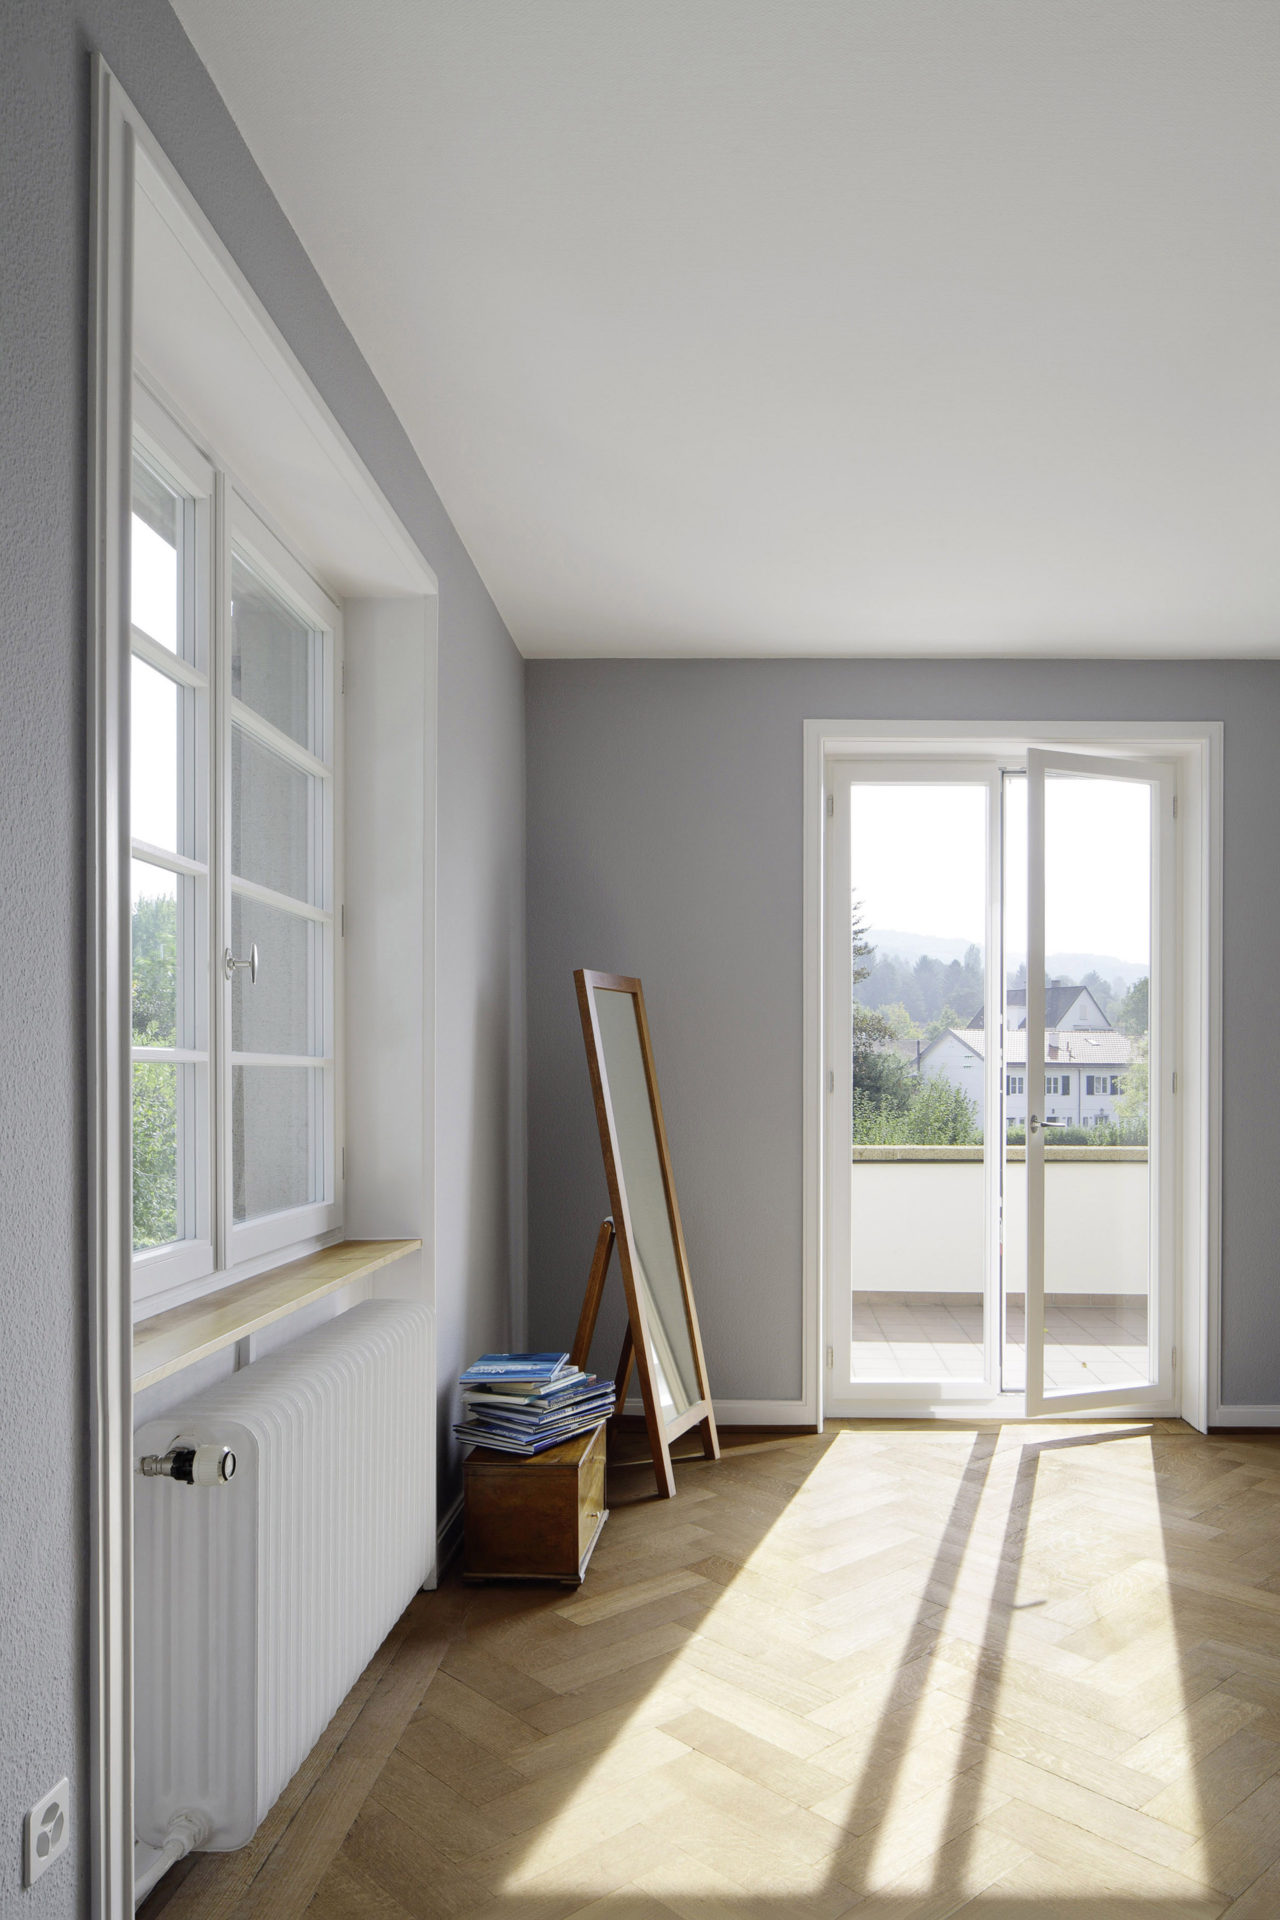 Schlafzimmer nach Renovation von Architekturbüro Forsberg in Basel